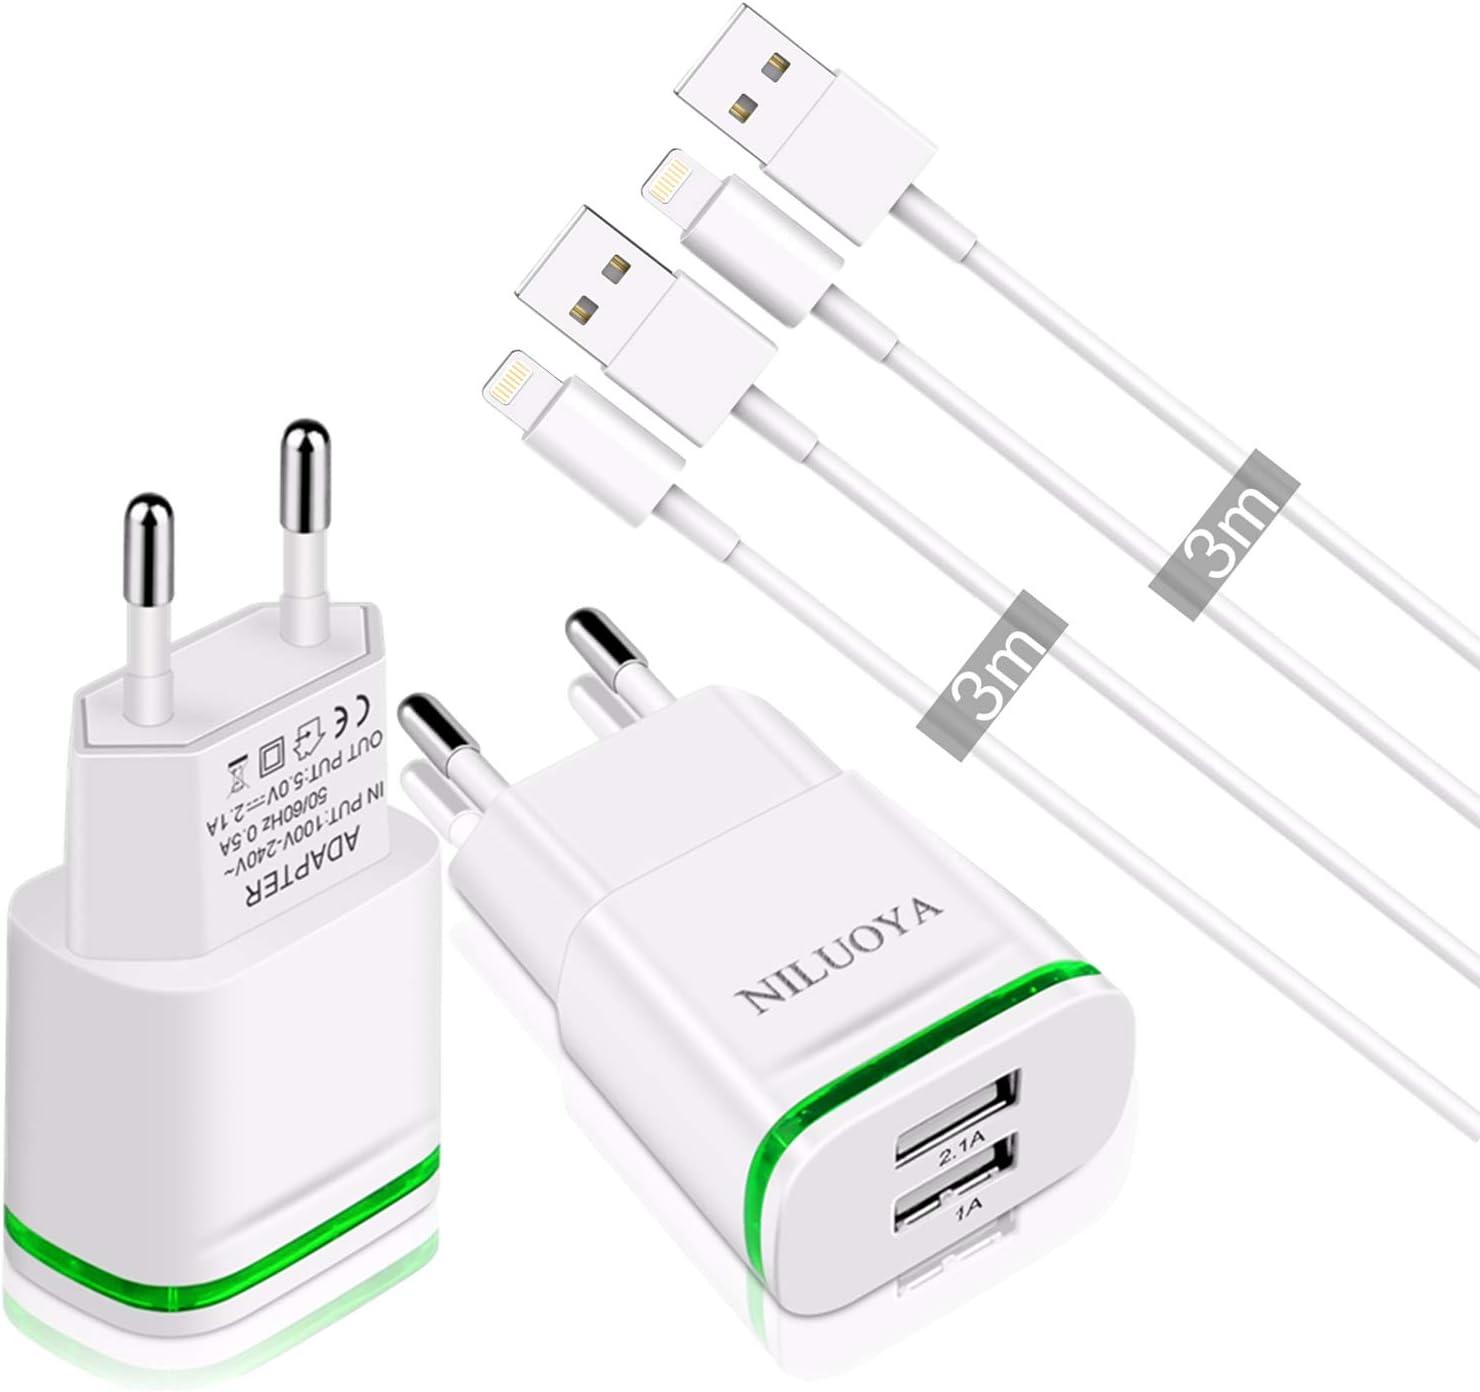 2 cargadores Niluoya + 2 cables lightning de 3m por sólo 7,64€